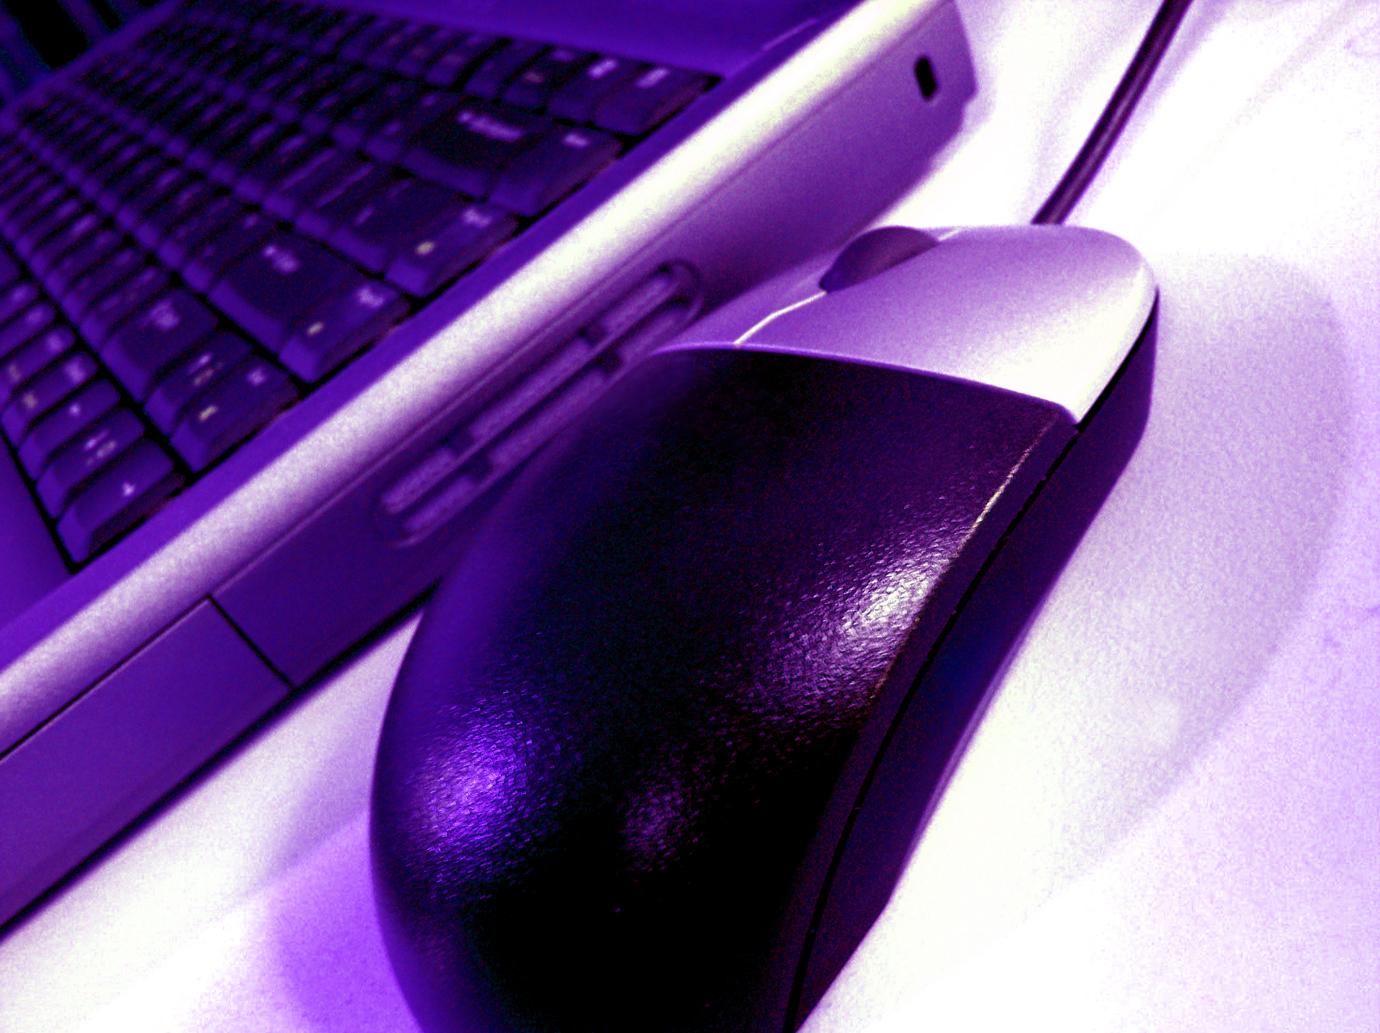 Un mouse e una tastiera sono strumenti di base per un web writer